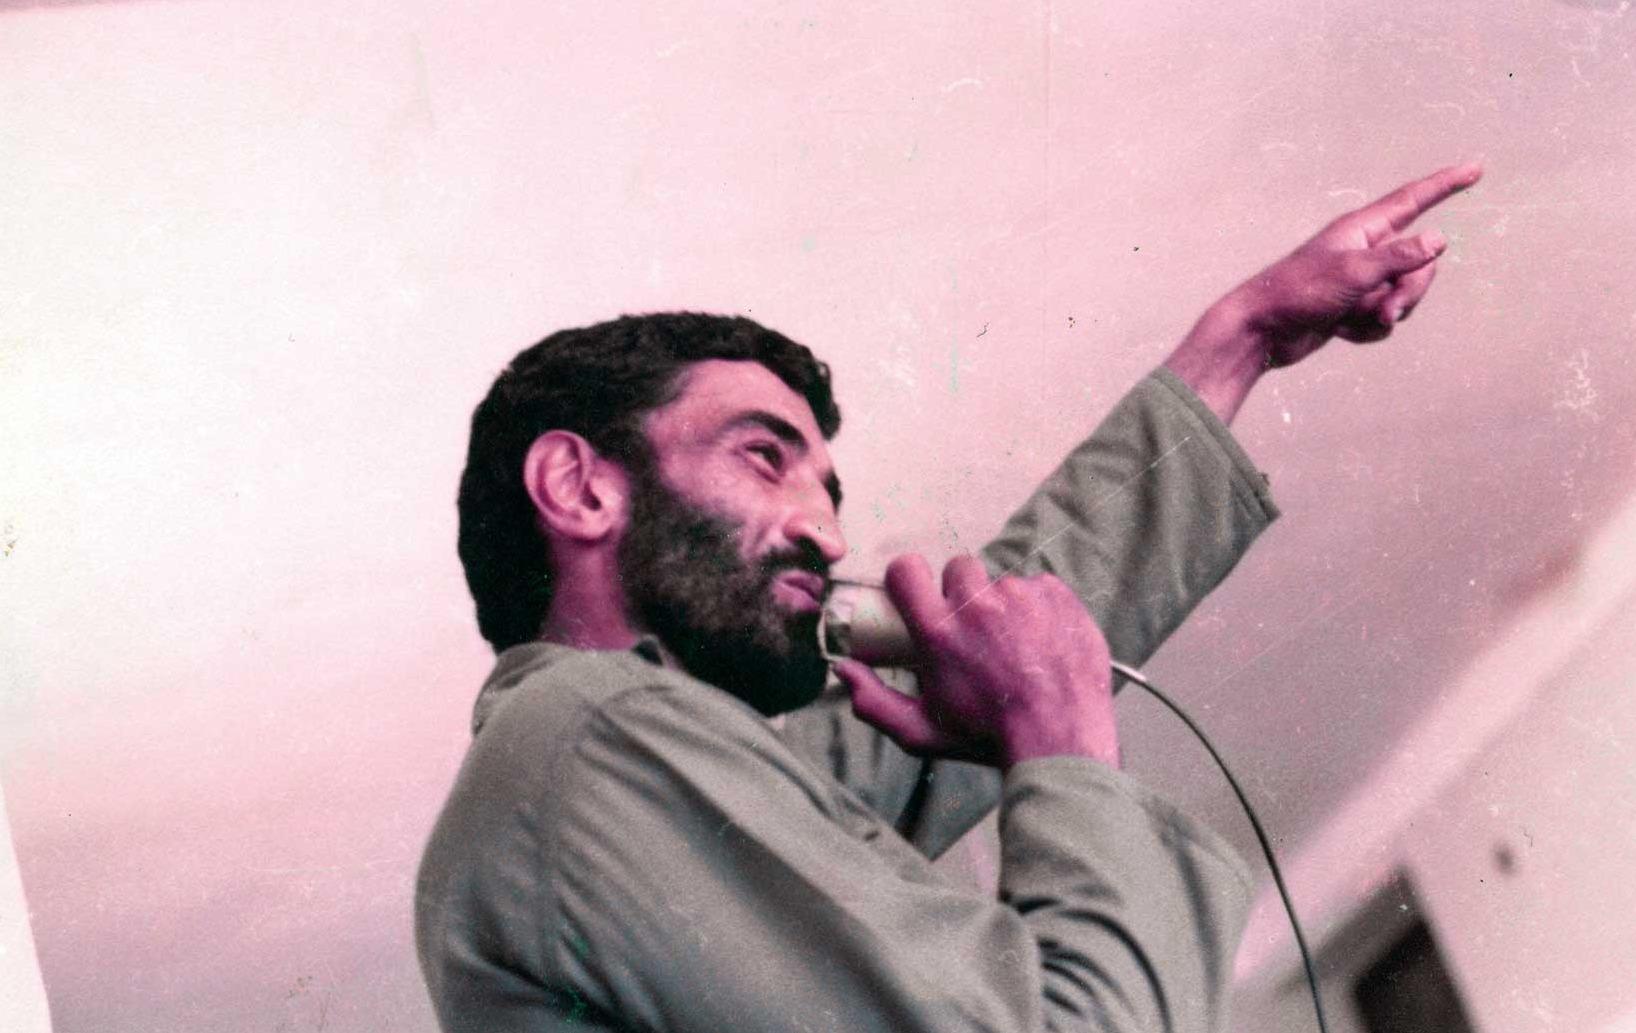 صهیونیستها حاضرند برای تحویل احمد متوسلیان مذاکره کنند